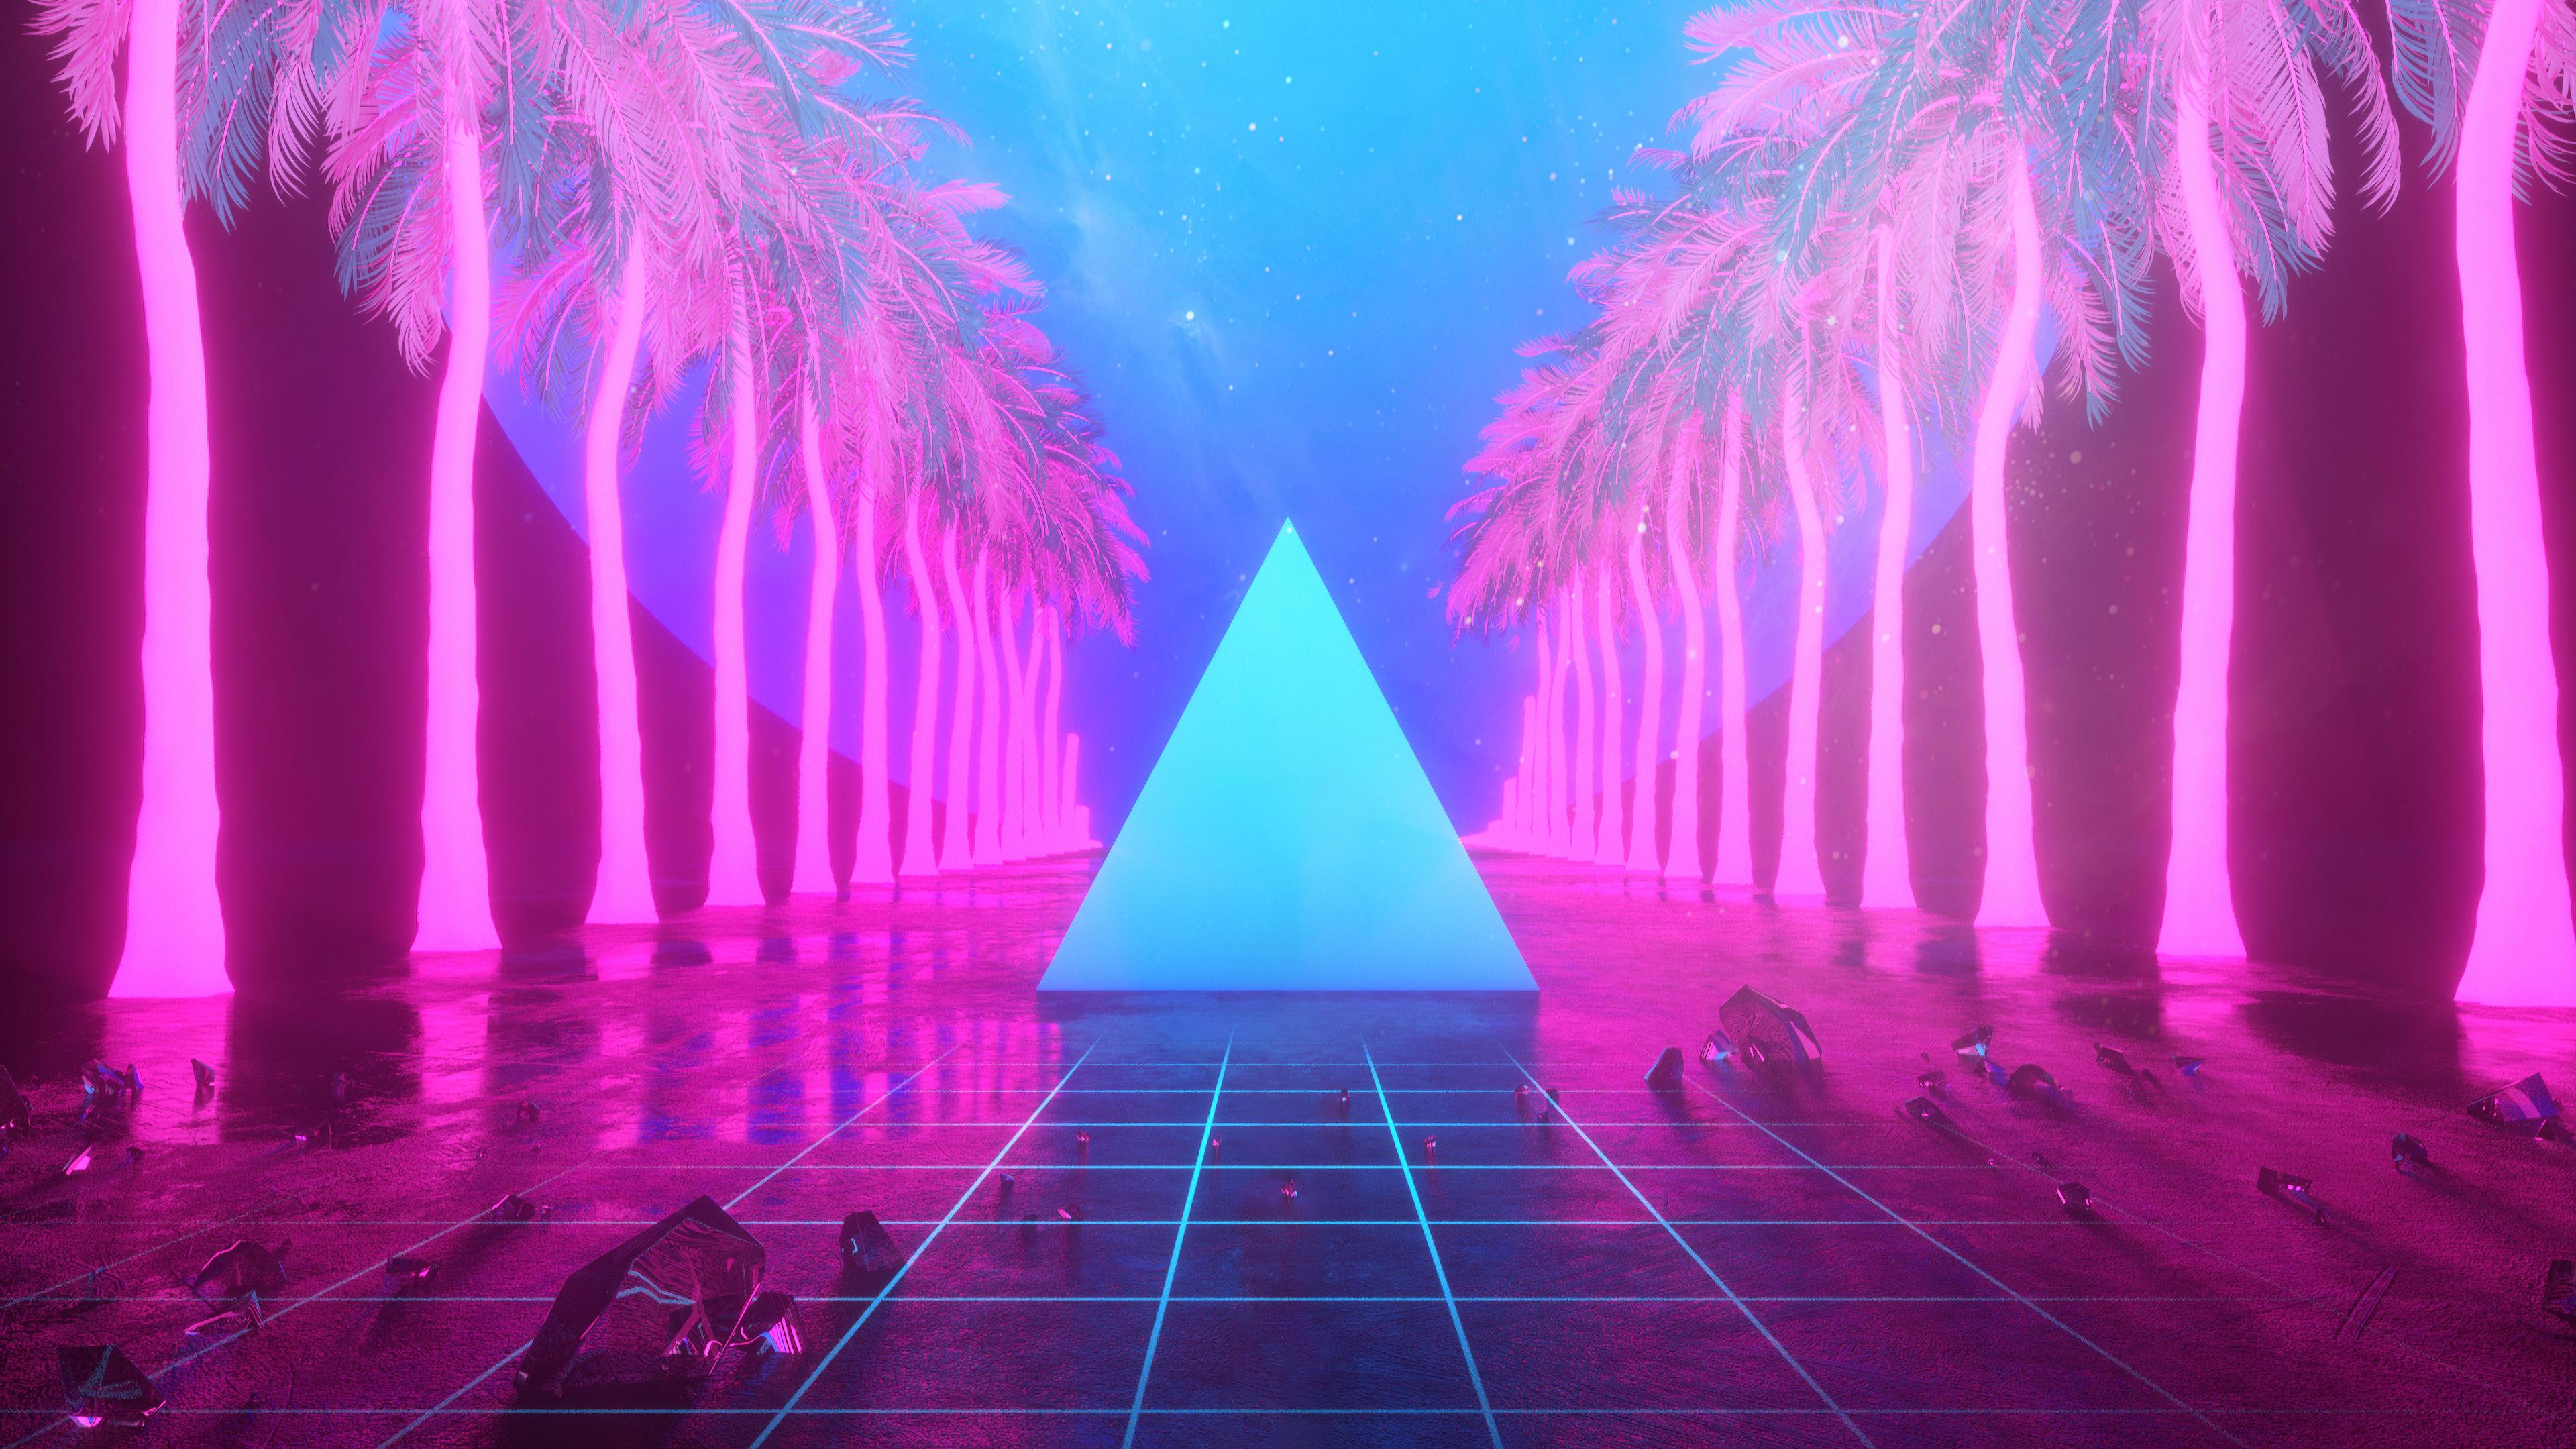 miami trees triangle neon artwork 4k 1540750649 - Miami Trees Triangle Neon Artwork 4k - triangle wallpapers, neon wallpapers, miami wallpapers, hd-wallpapers, digital art wallpapers, artwork wallpapers, artist wallpapers, 4k-wallpapers